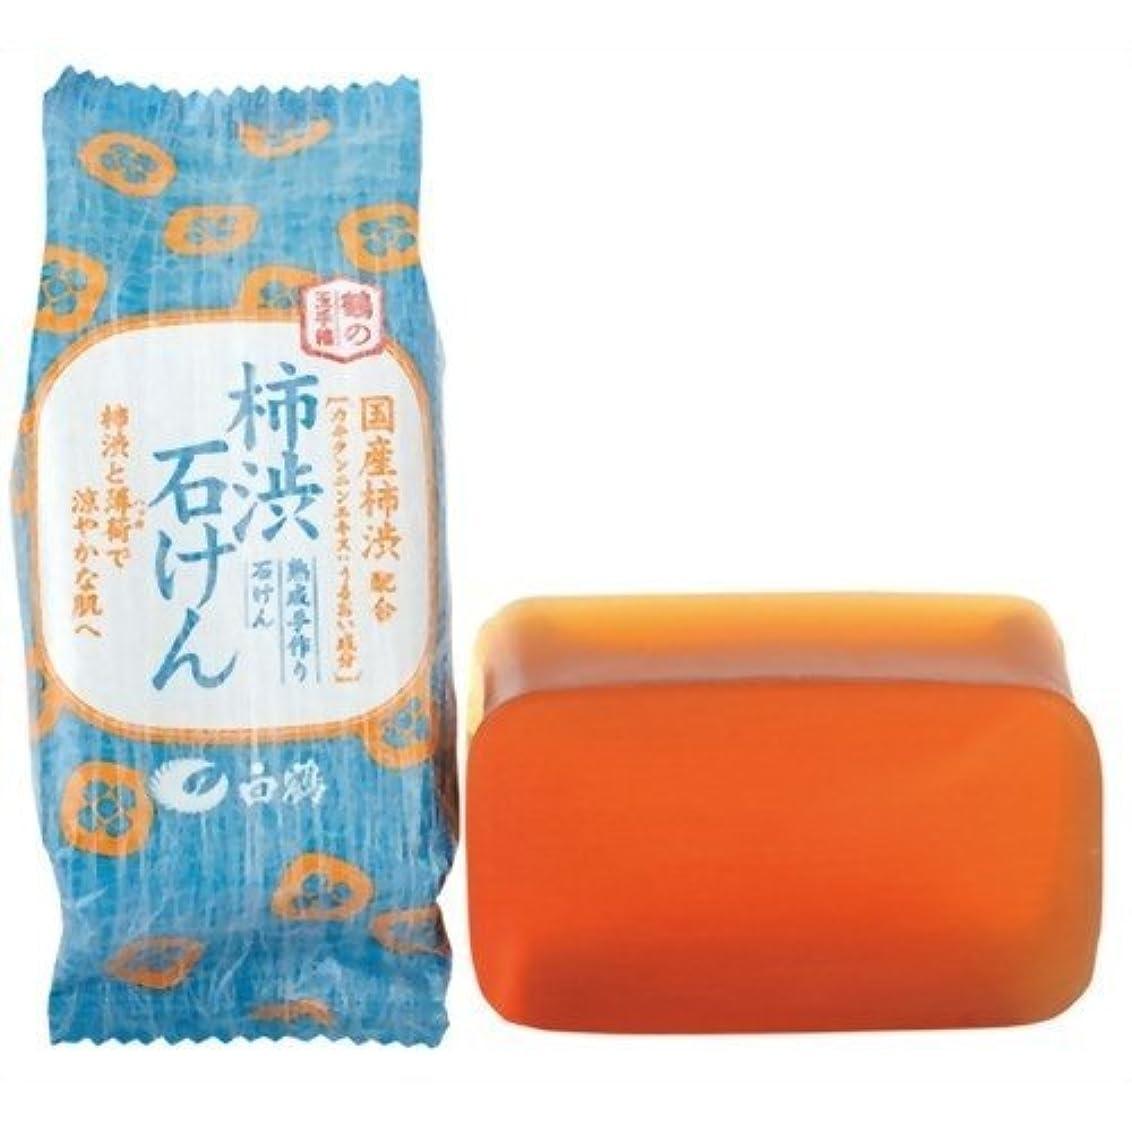 お嬢食欲ノイズ白鶴 鶴の玉手箱 薬用 柿渋石けん 110g × 10個